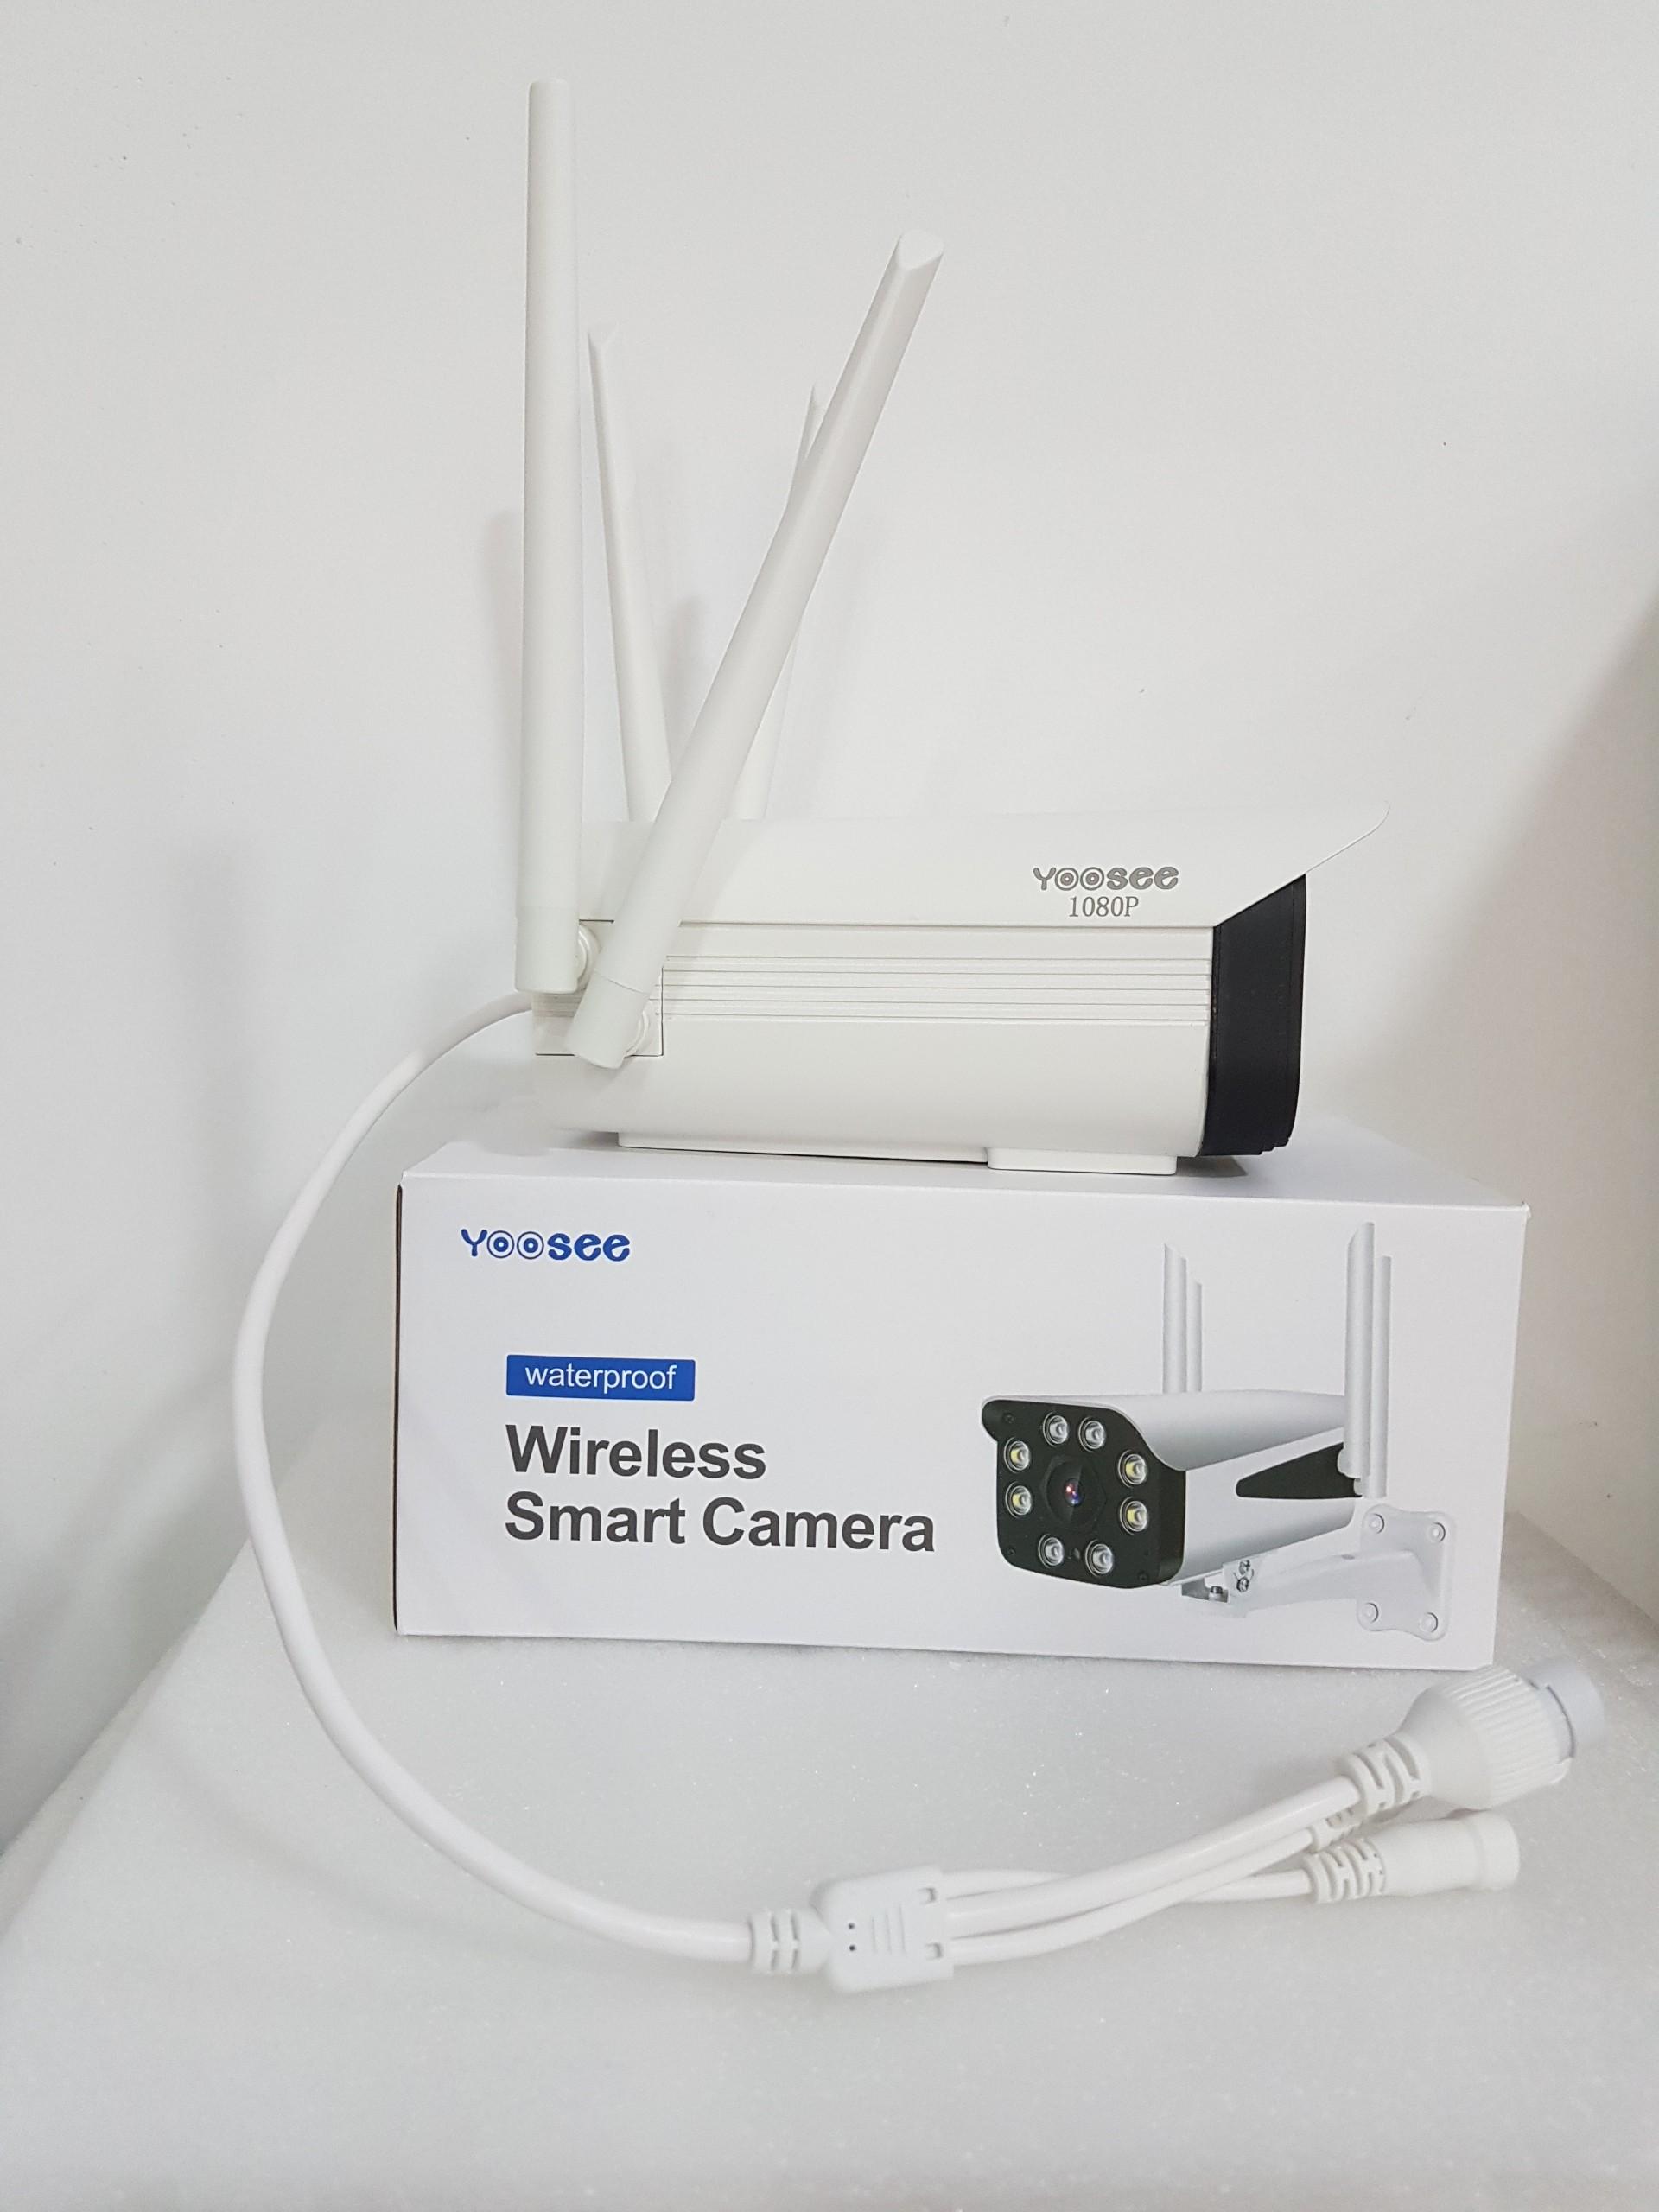 Camera IP Wifi Yoosee 4 Râu Camera Ngoài Trời Chống Nước Đàm Thoại 2 Chiều Xem Đêm Có Màu - hàng chính hãng